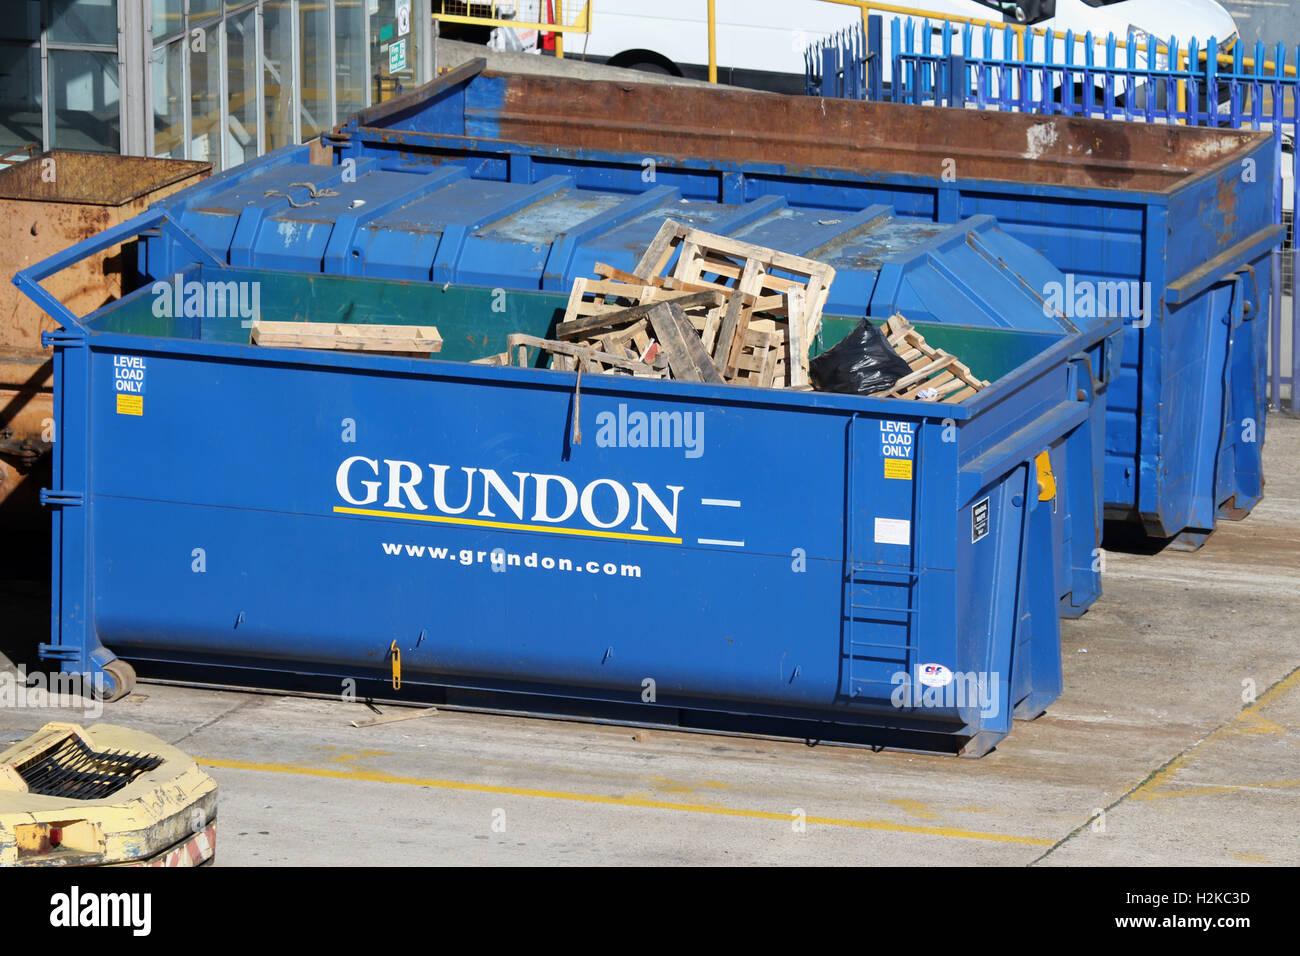 Gestión de residuos GRUNDON Imagen De Stock